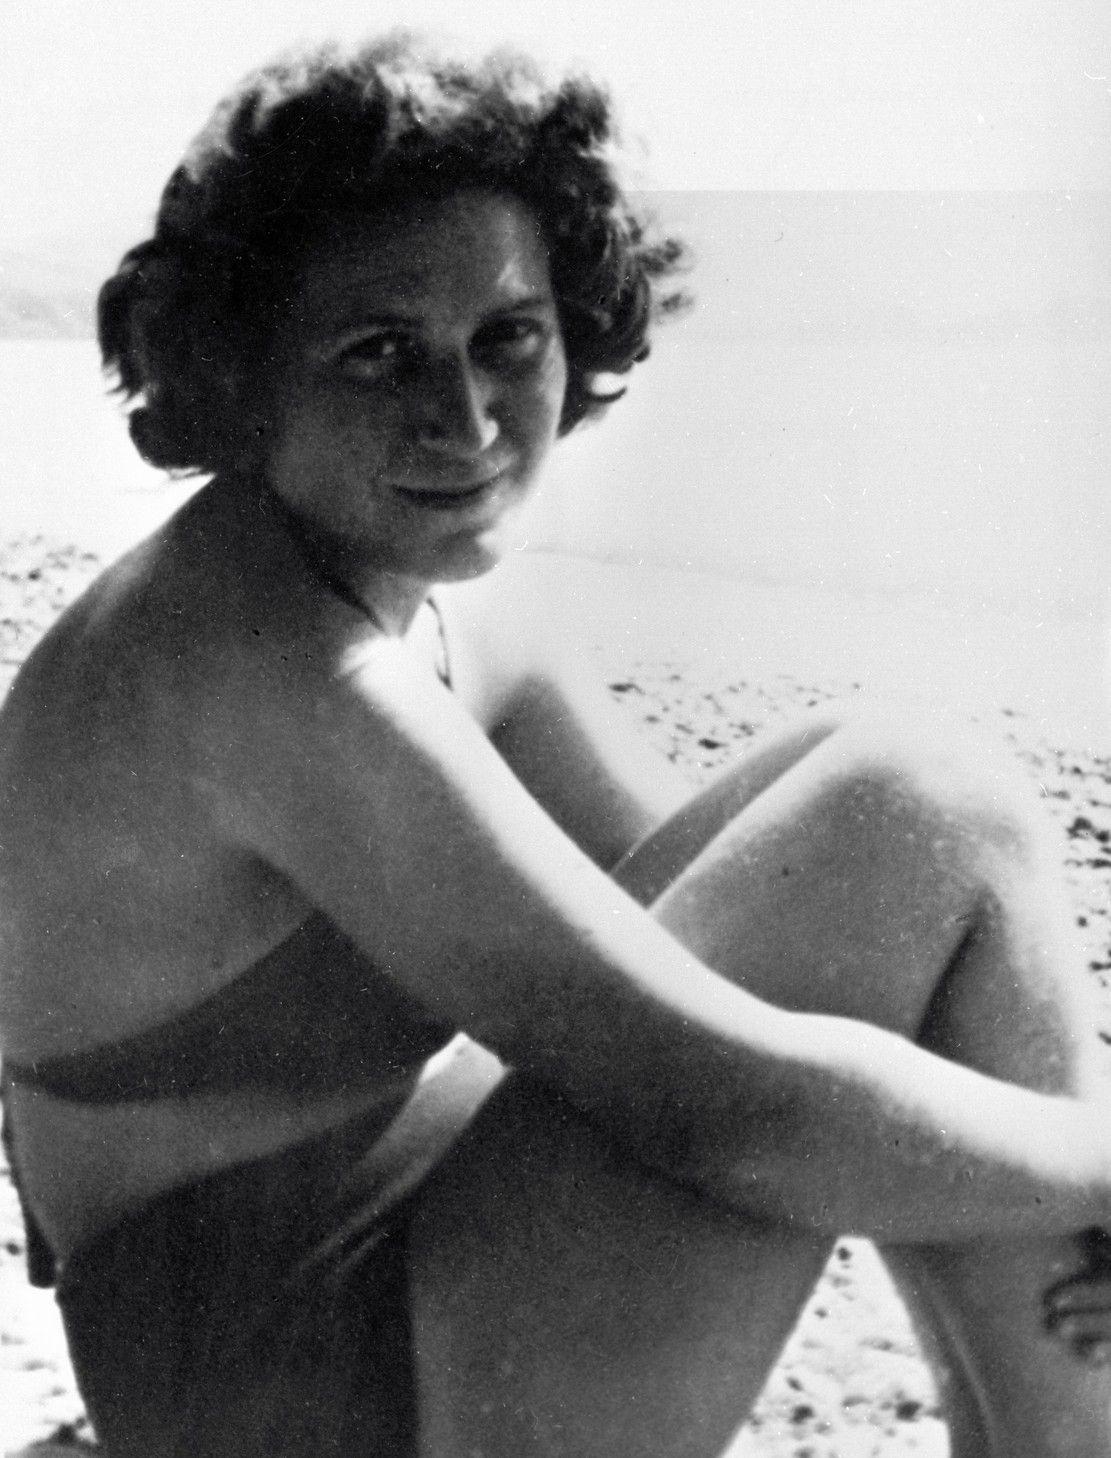 """Swietłana mimo trzech małżeństw nie znalazła prawdziwej miłości na śmierć i życie. Na zdjęciu piękna córka Stalina w 1954 roku, podczas poszukiwań męża numer trzy. Zdjęcie pochodzi z materiałów promocyjnych książki Rosemary Sullivan pod tytułem """"Córka Stalina"""" (fot. EAST NEWS/SPUTNIK)."""